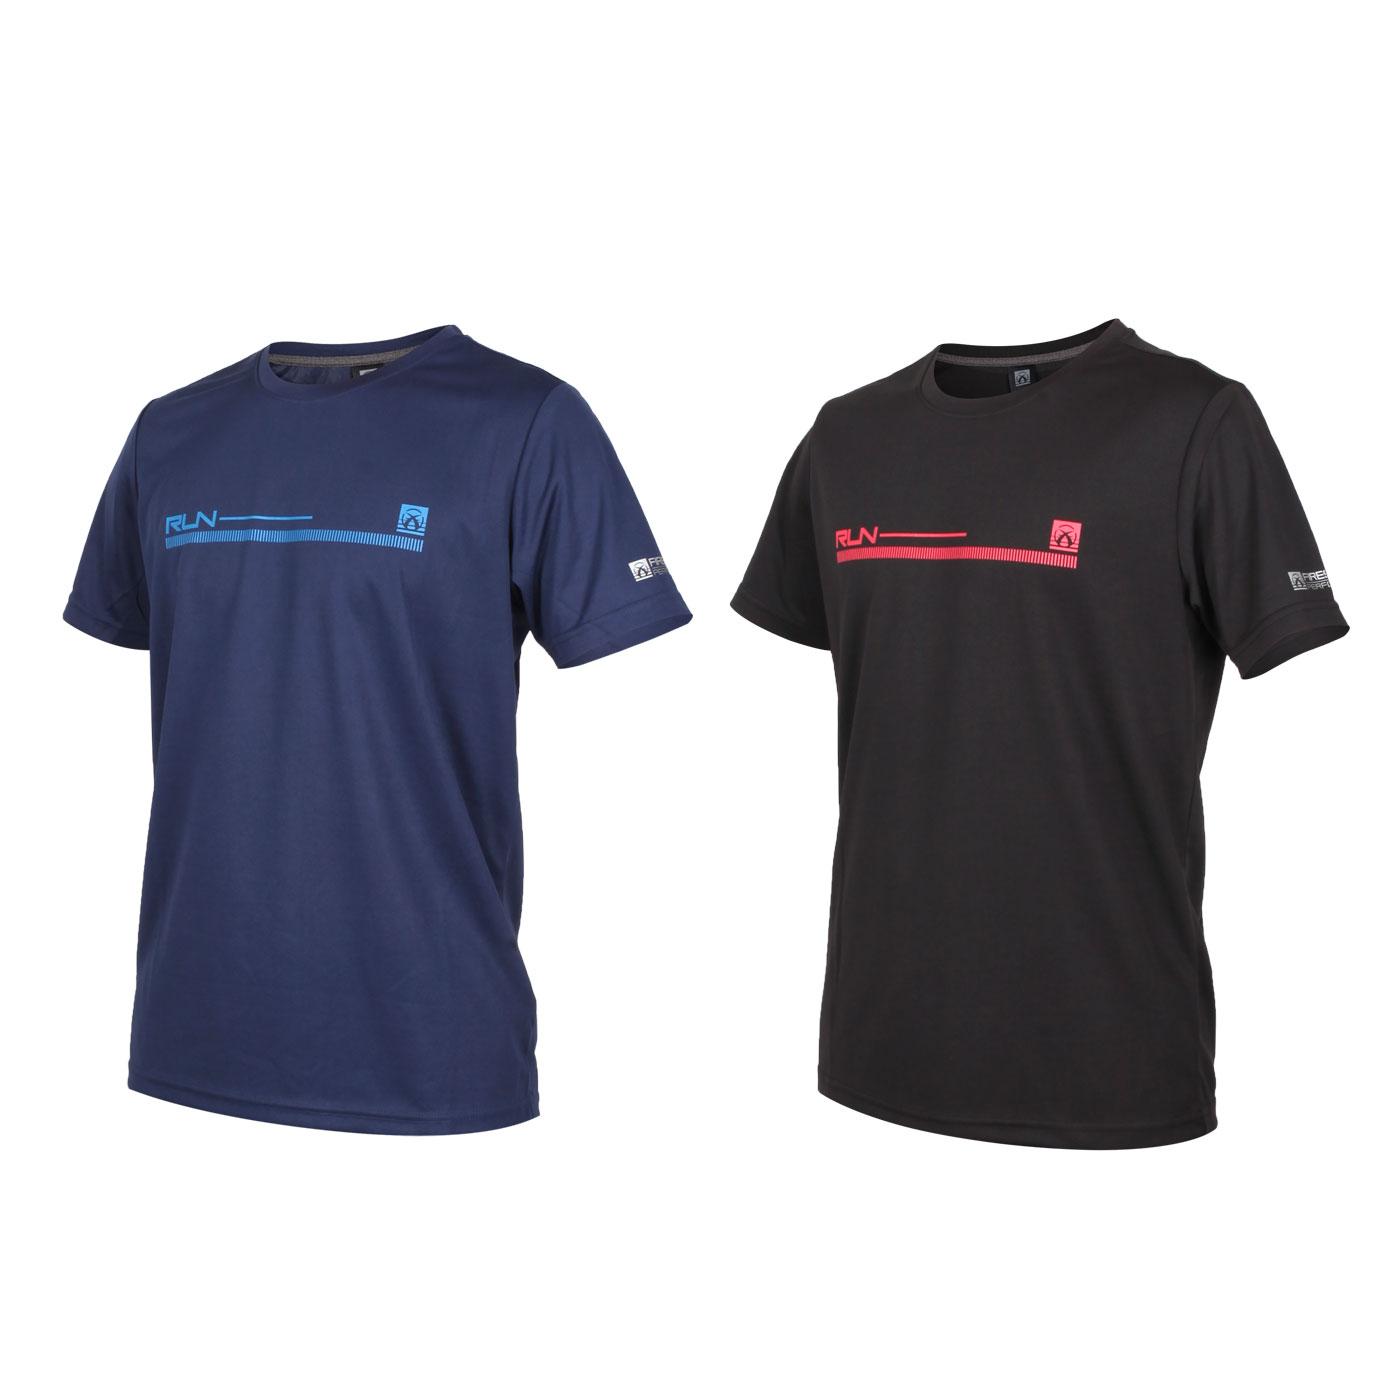 FIRESTAR 男款吸排印花圓領短袖T恤 D0536-10